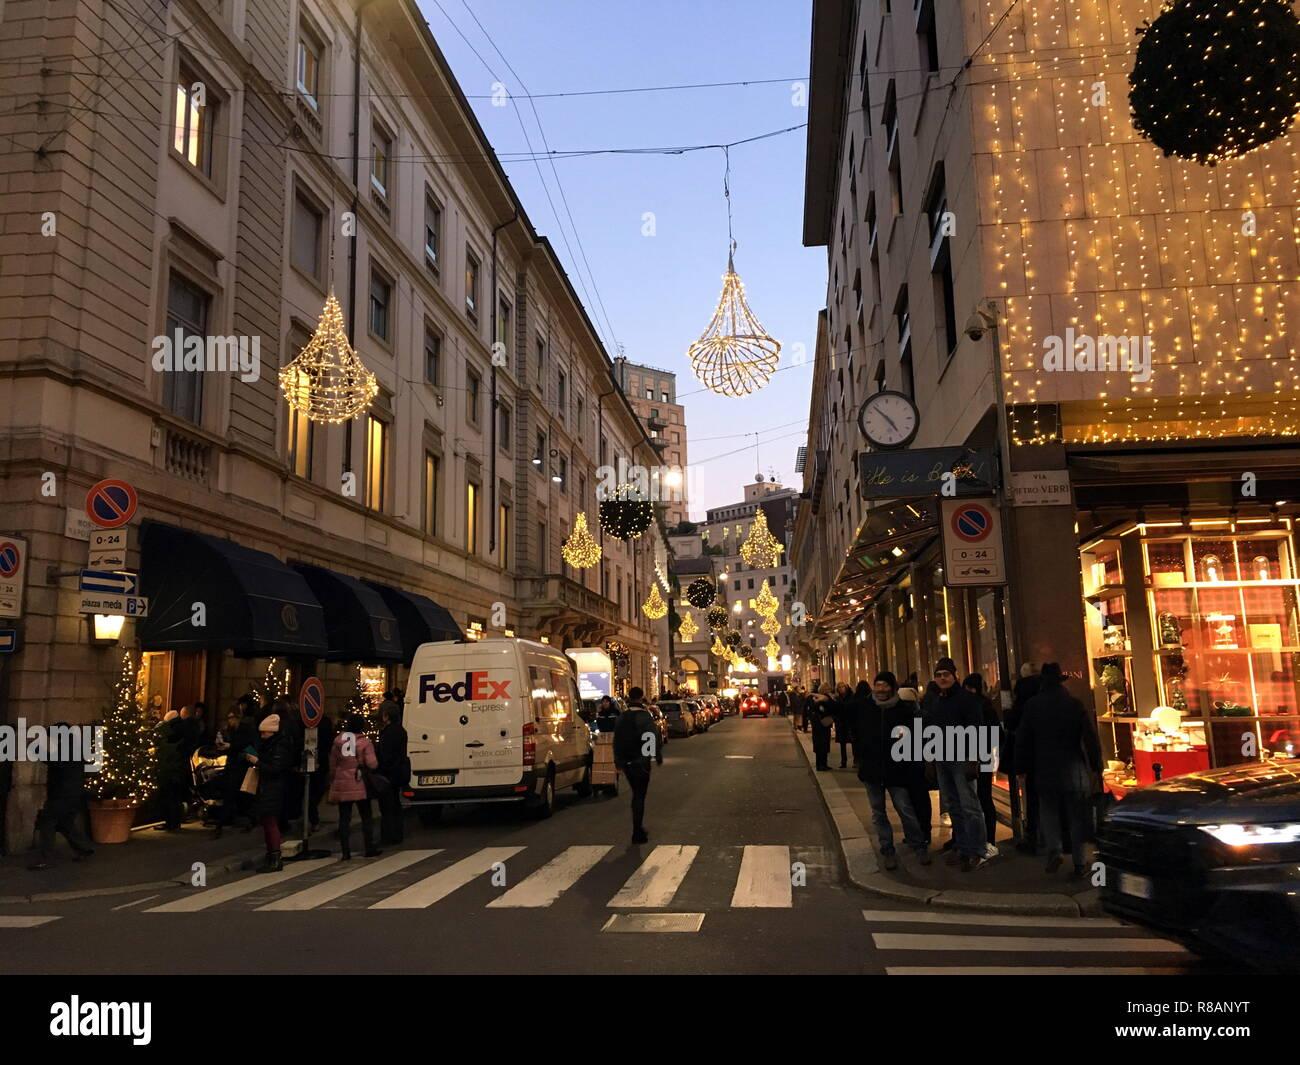 Milano Decorazioni Natalizie.Milano Luci E Decorazioni Natalizie Per Le Strade Del